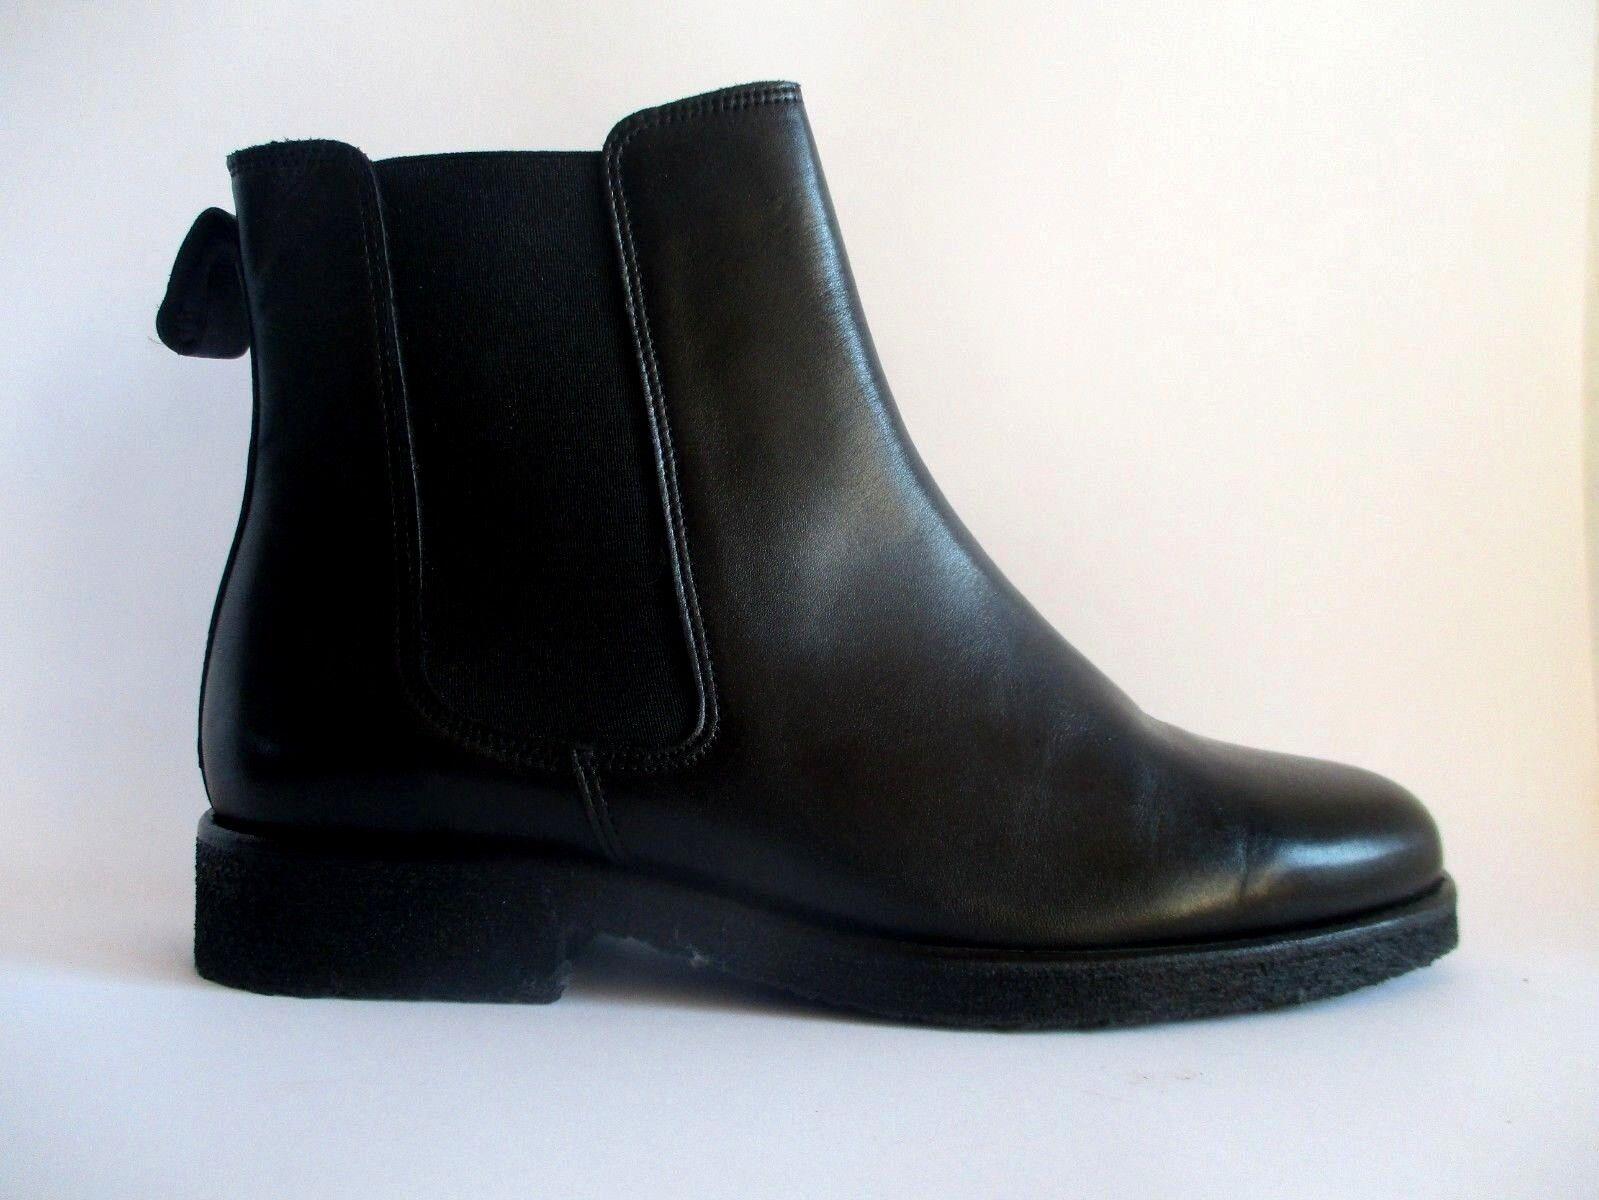 ZIGN Klassische Halbschuhe Ankle Chelsea Boot Leder Schwarz Gr.39  C4